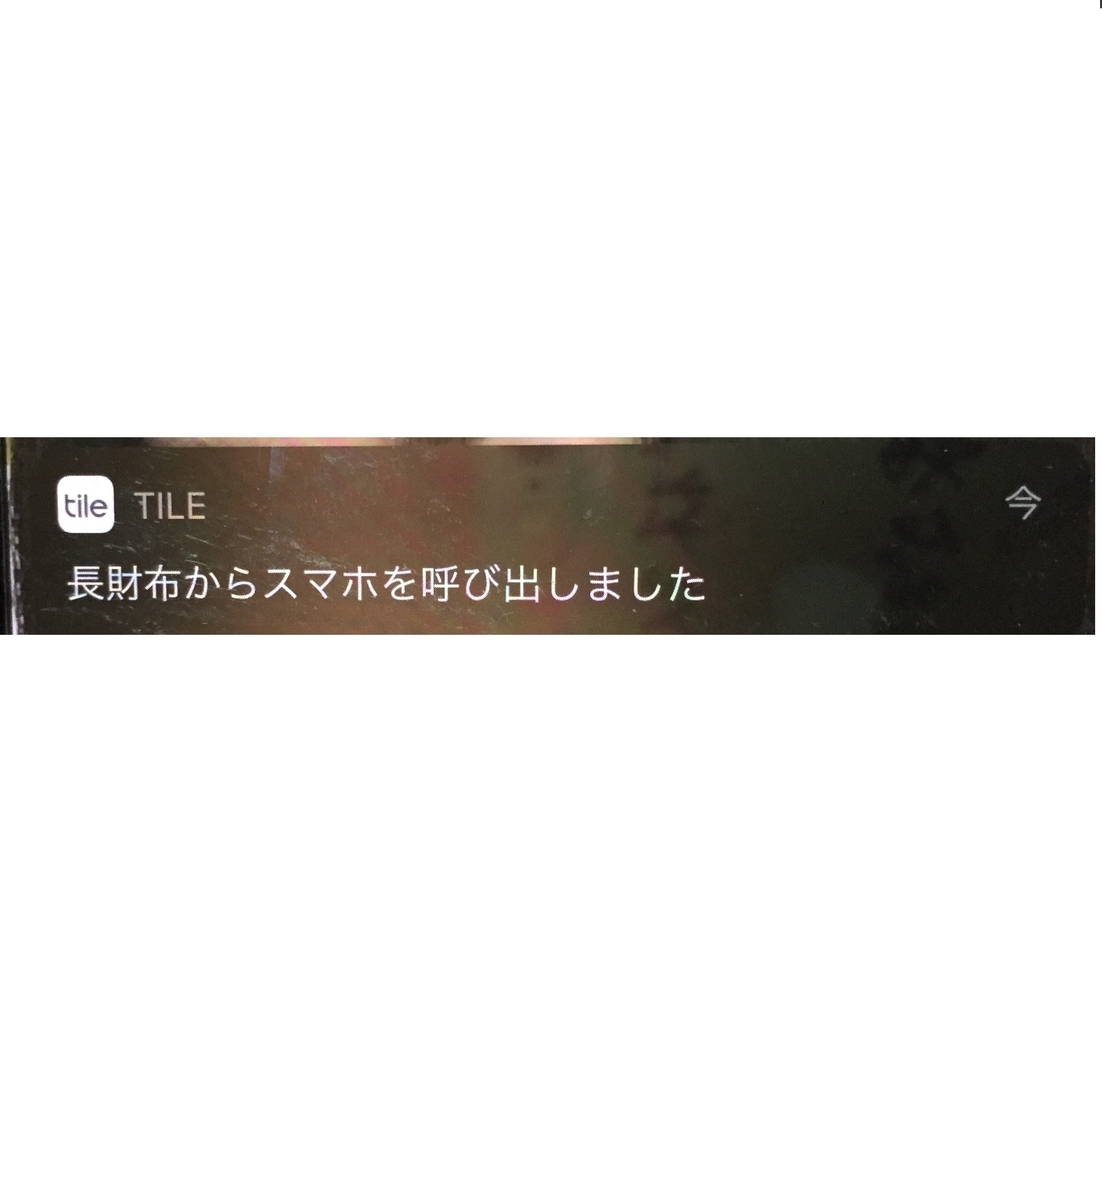 f:id:hiraba-k:20191115002656j:plain